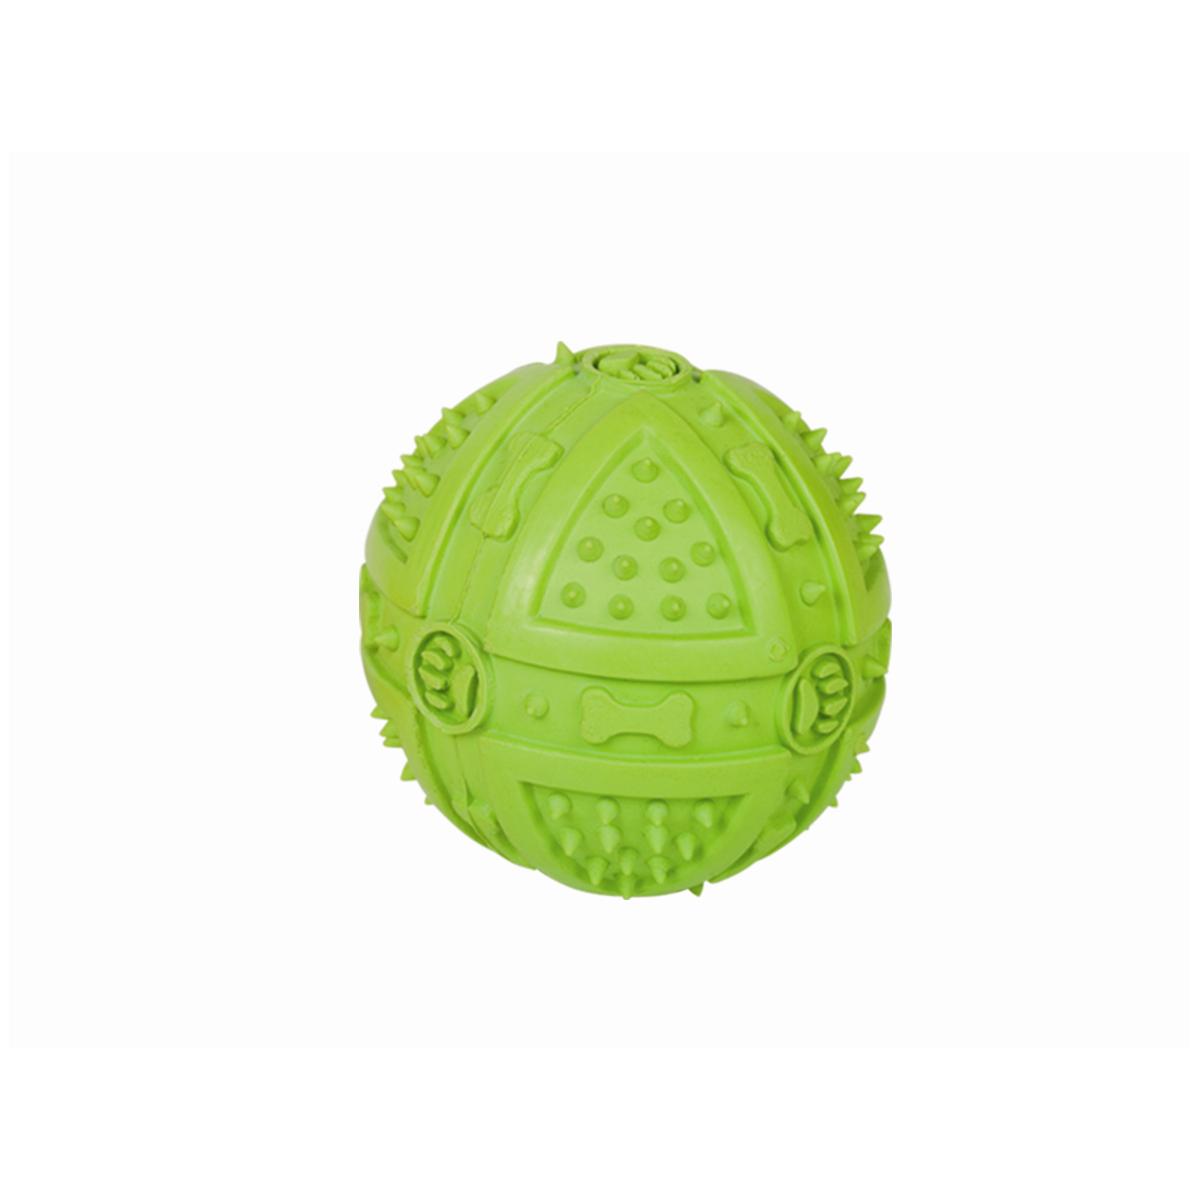 Rubberbal met piep groen